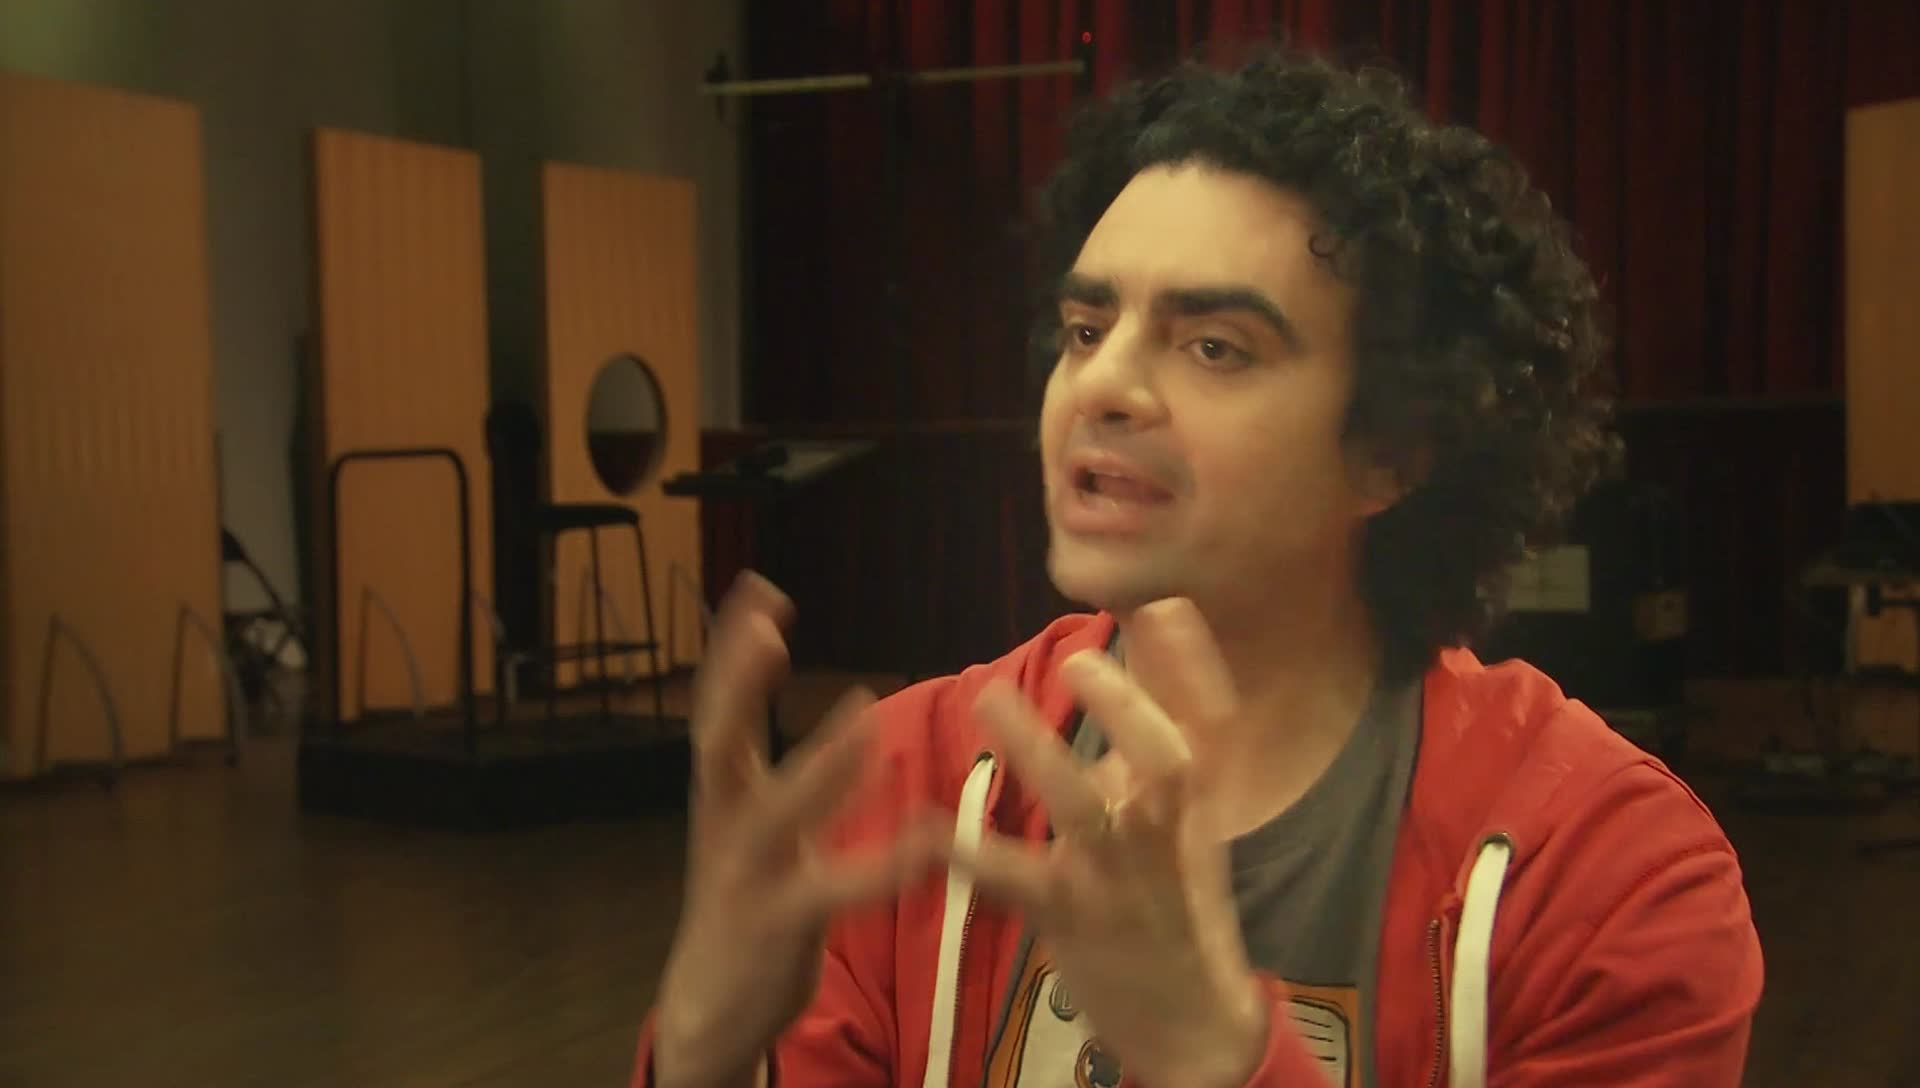 Rolando Villazón, Così fan tutte - Webisode 2